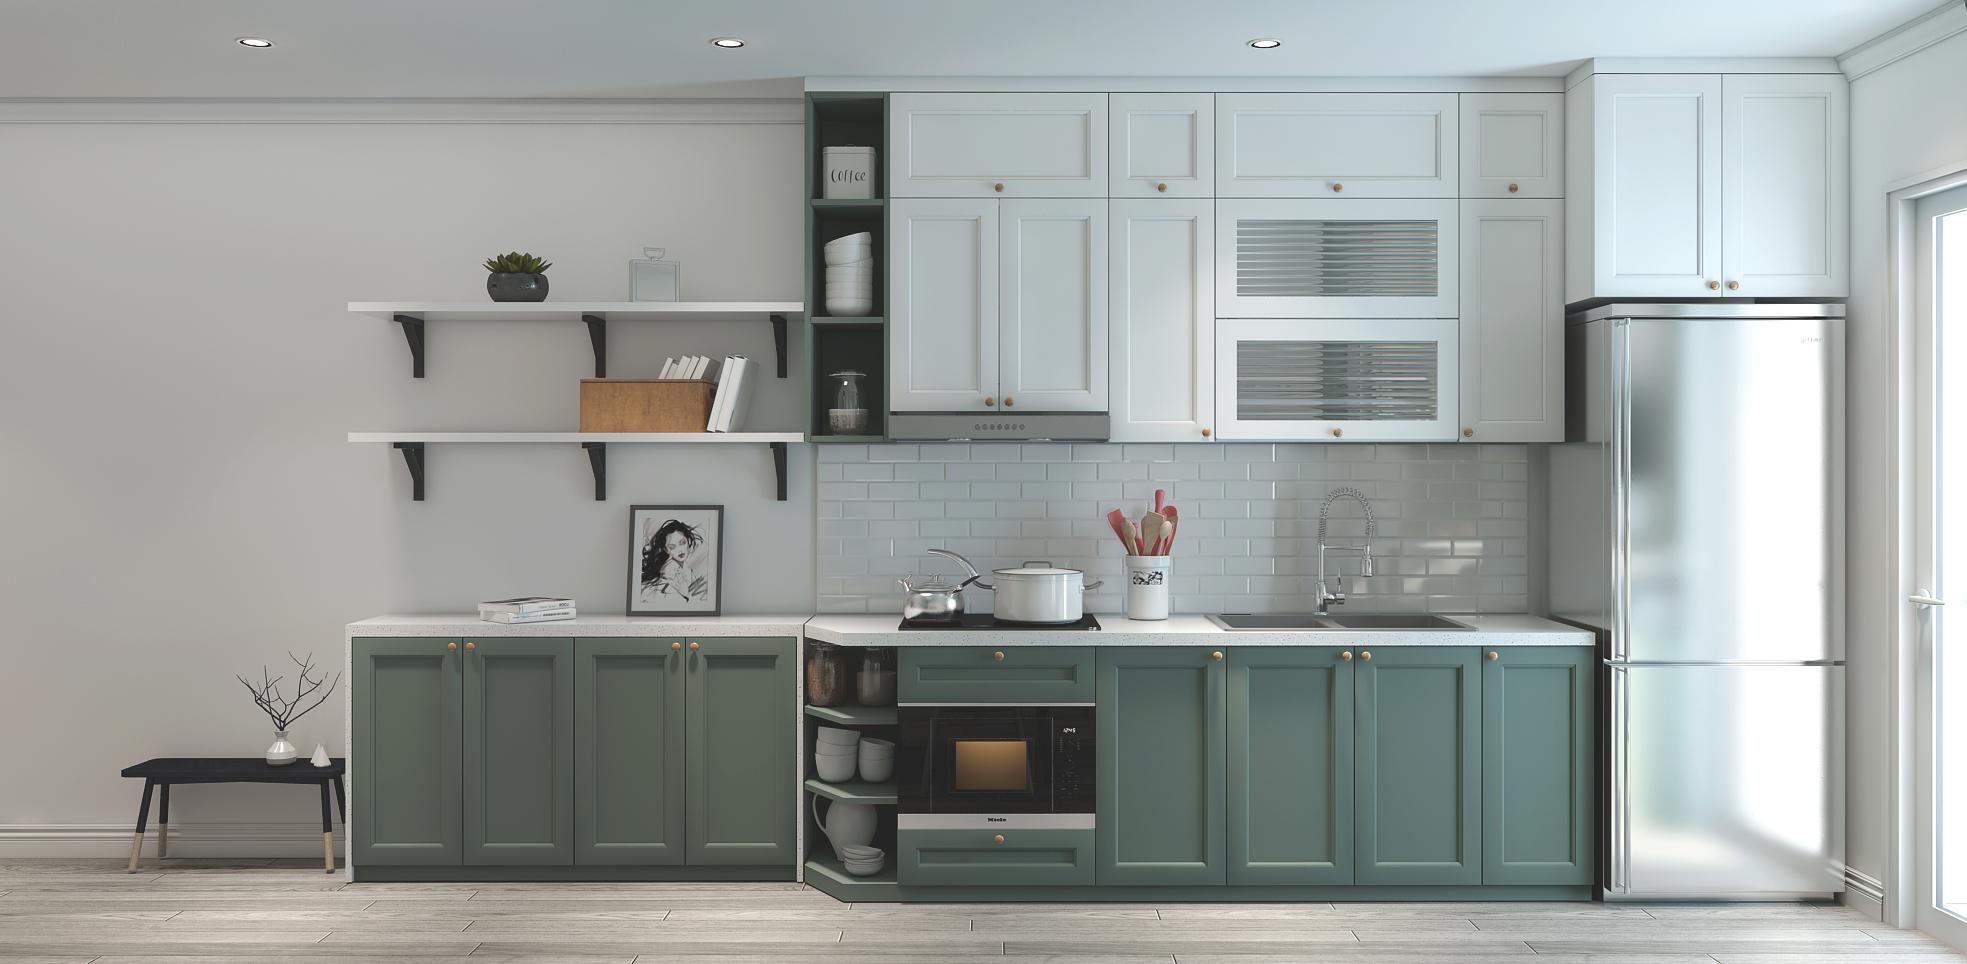 Kinh nghiệm làm tủ bếp cho ngôi nhà của bạn. Mẫu tủ bếp chữ I với gam màu xanh làm chủ đạo, một màu sắc tươi trẻ và sang trọng giúp cho không gian bếp trở gần gũi và ấm cúng hơn